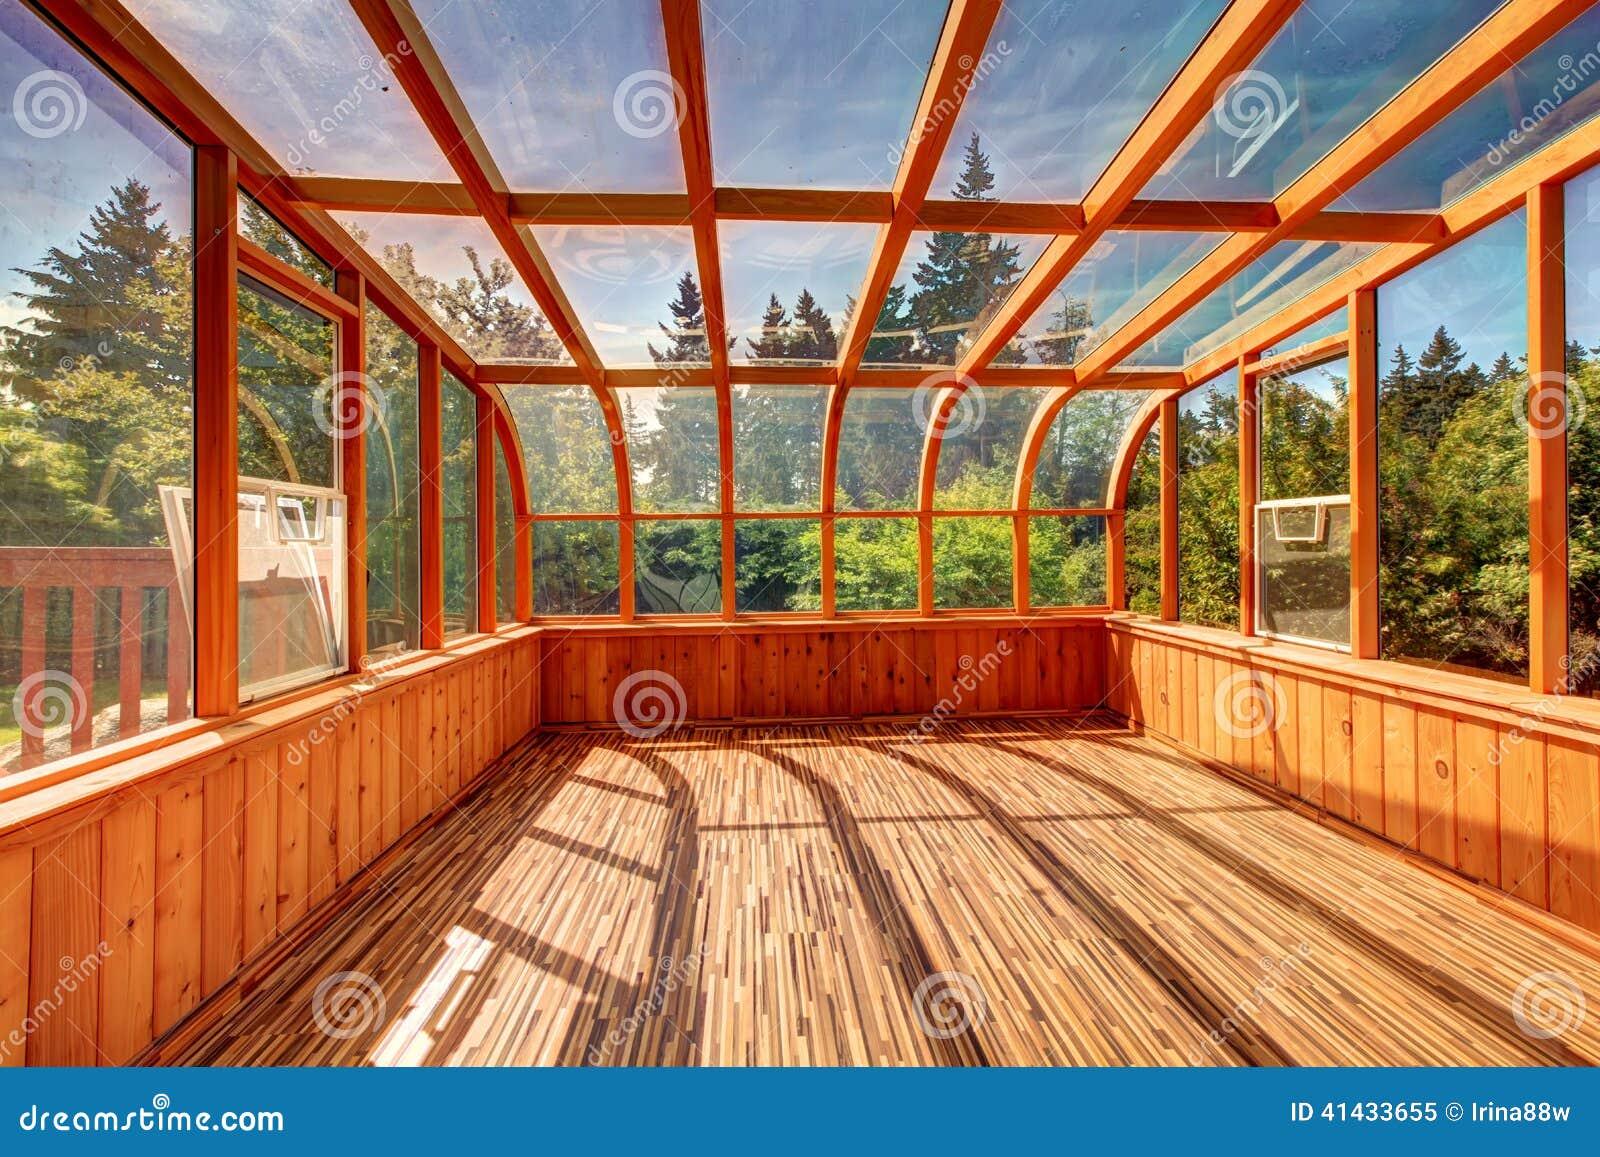 Invernadero de cristal casero foto de archivo imagen - Invernadero de cristal ...